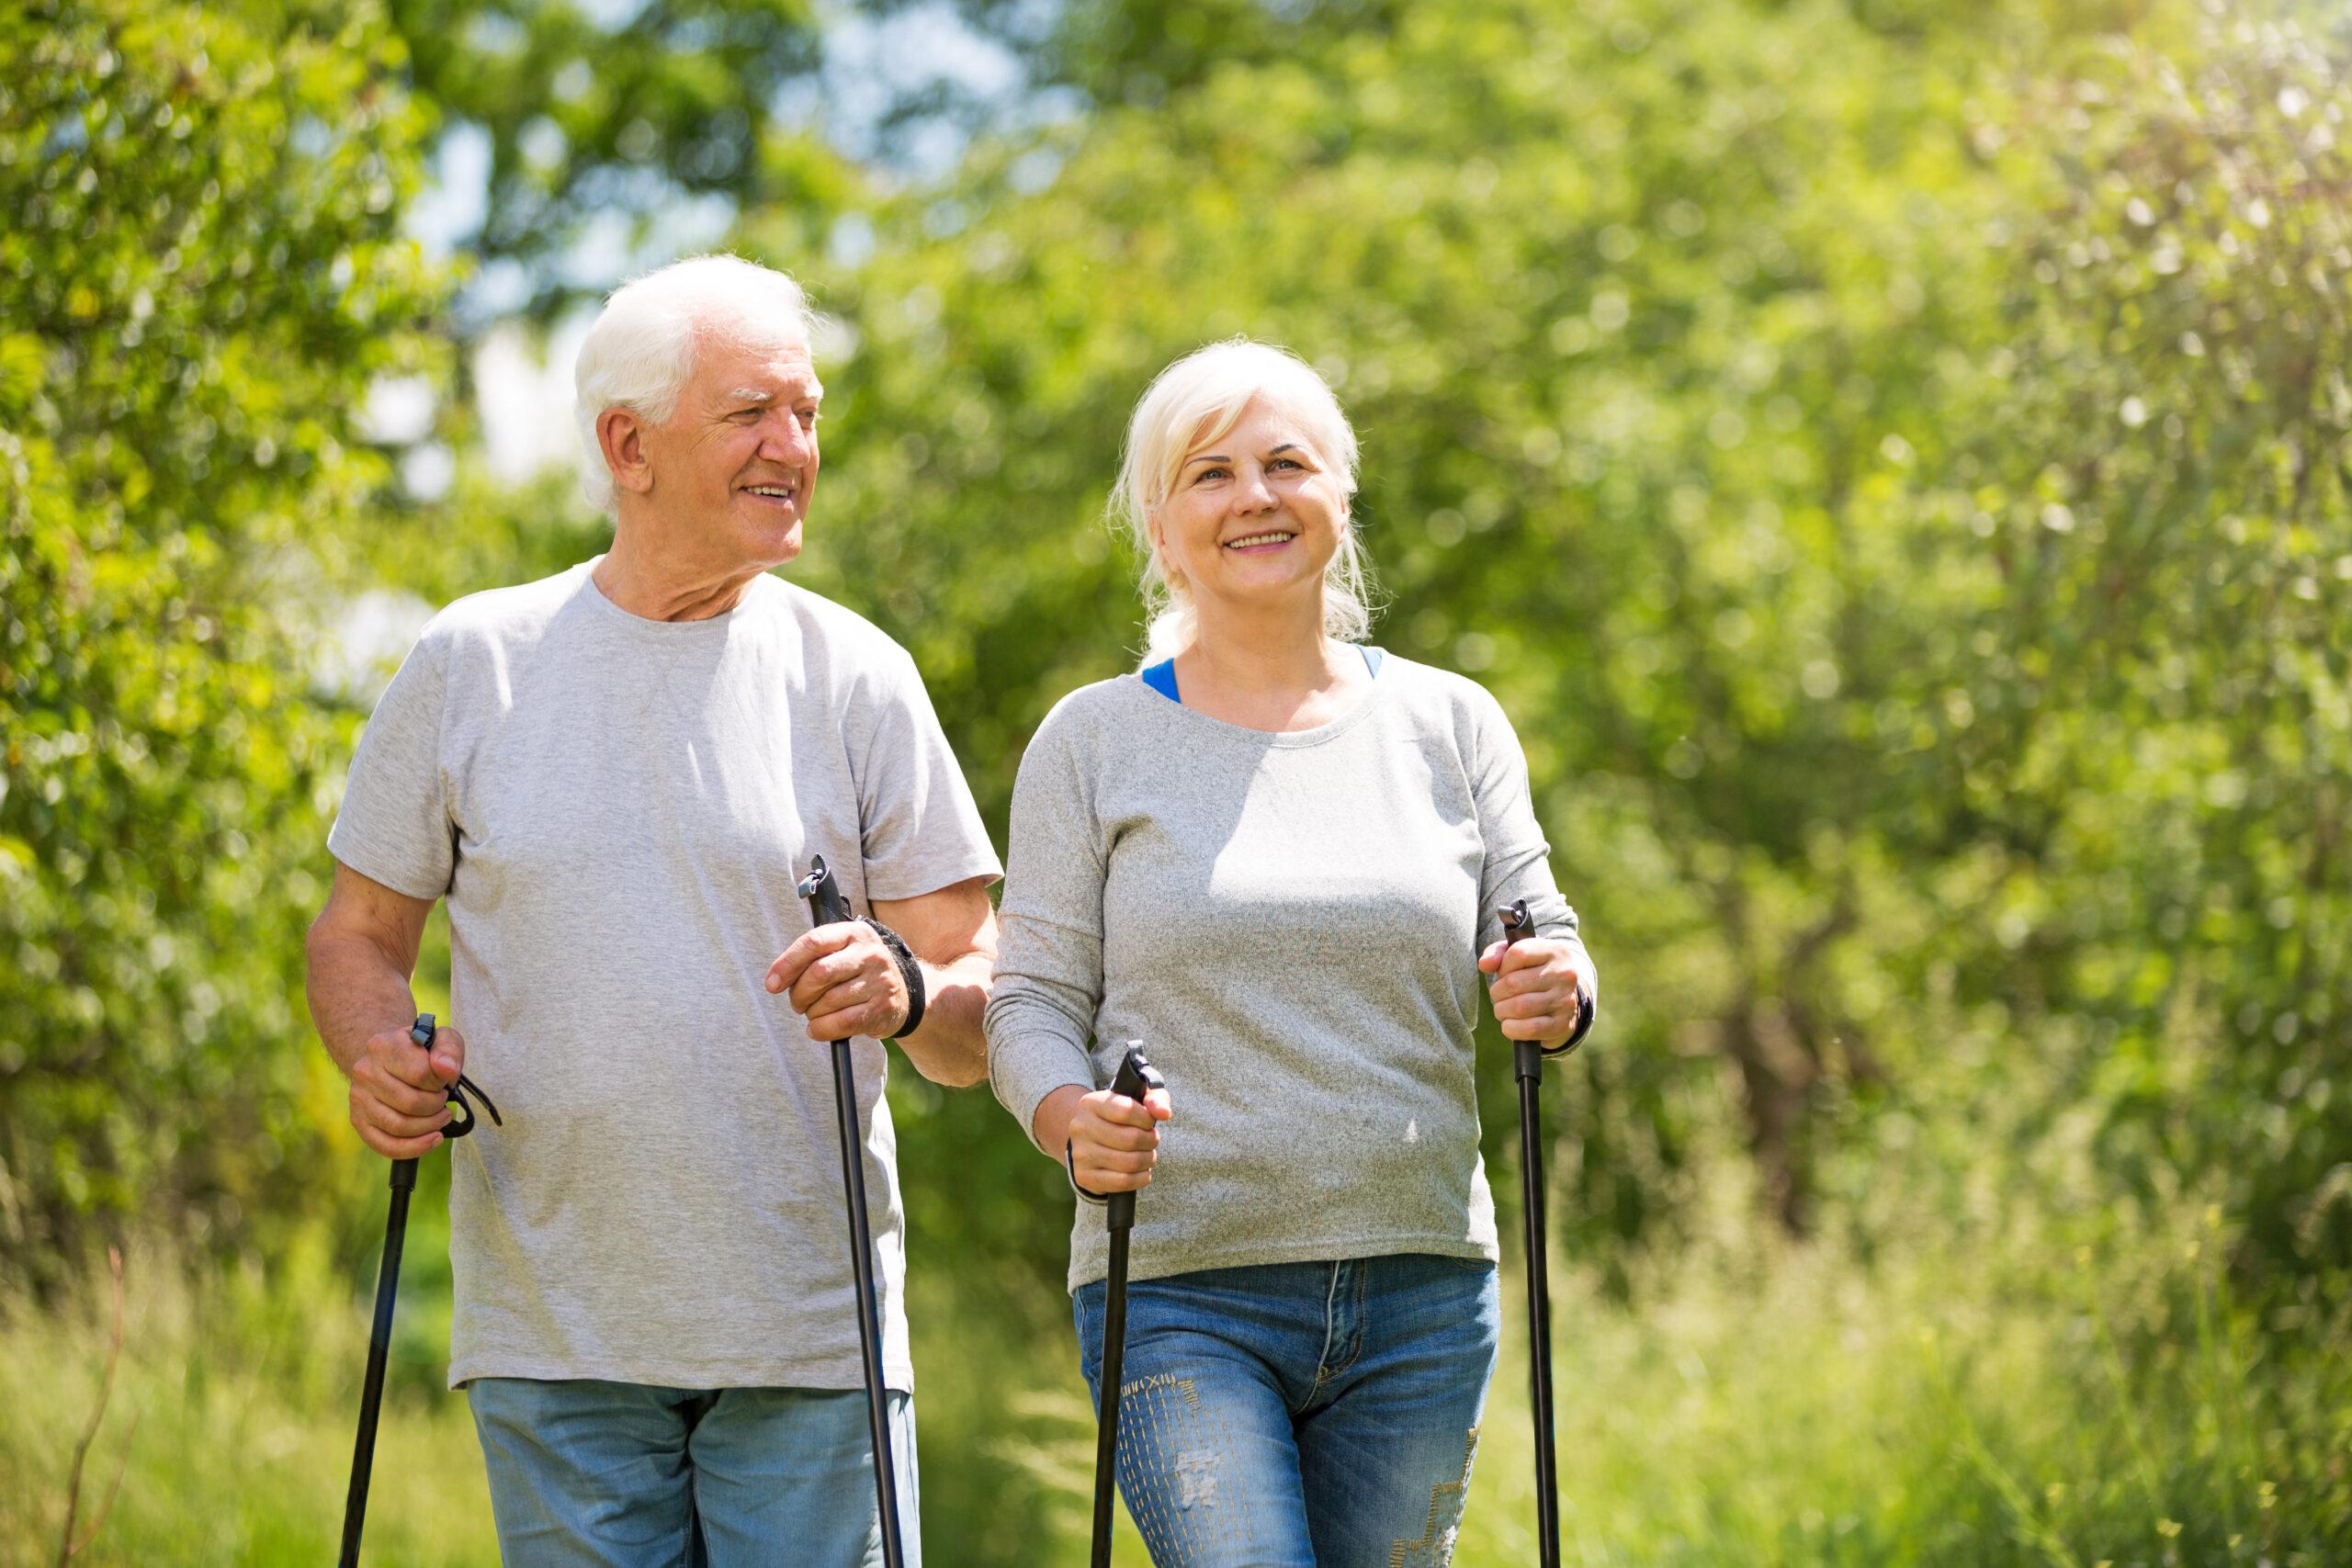 Muž a žena provozují nordic walking